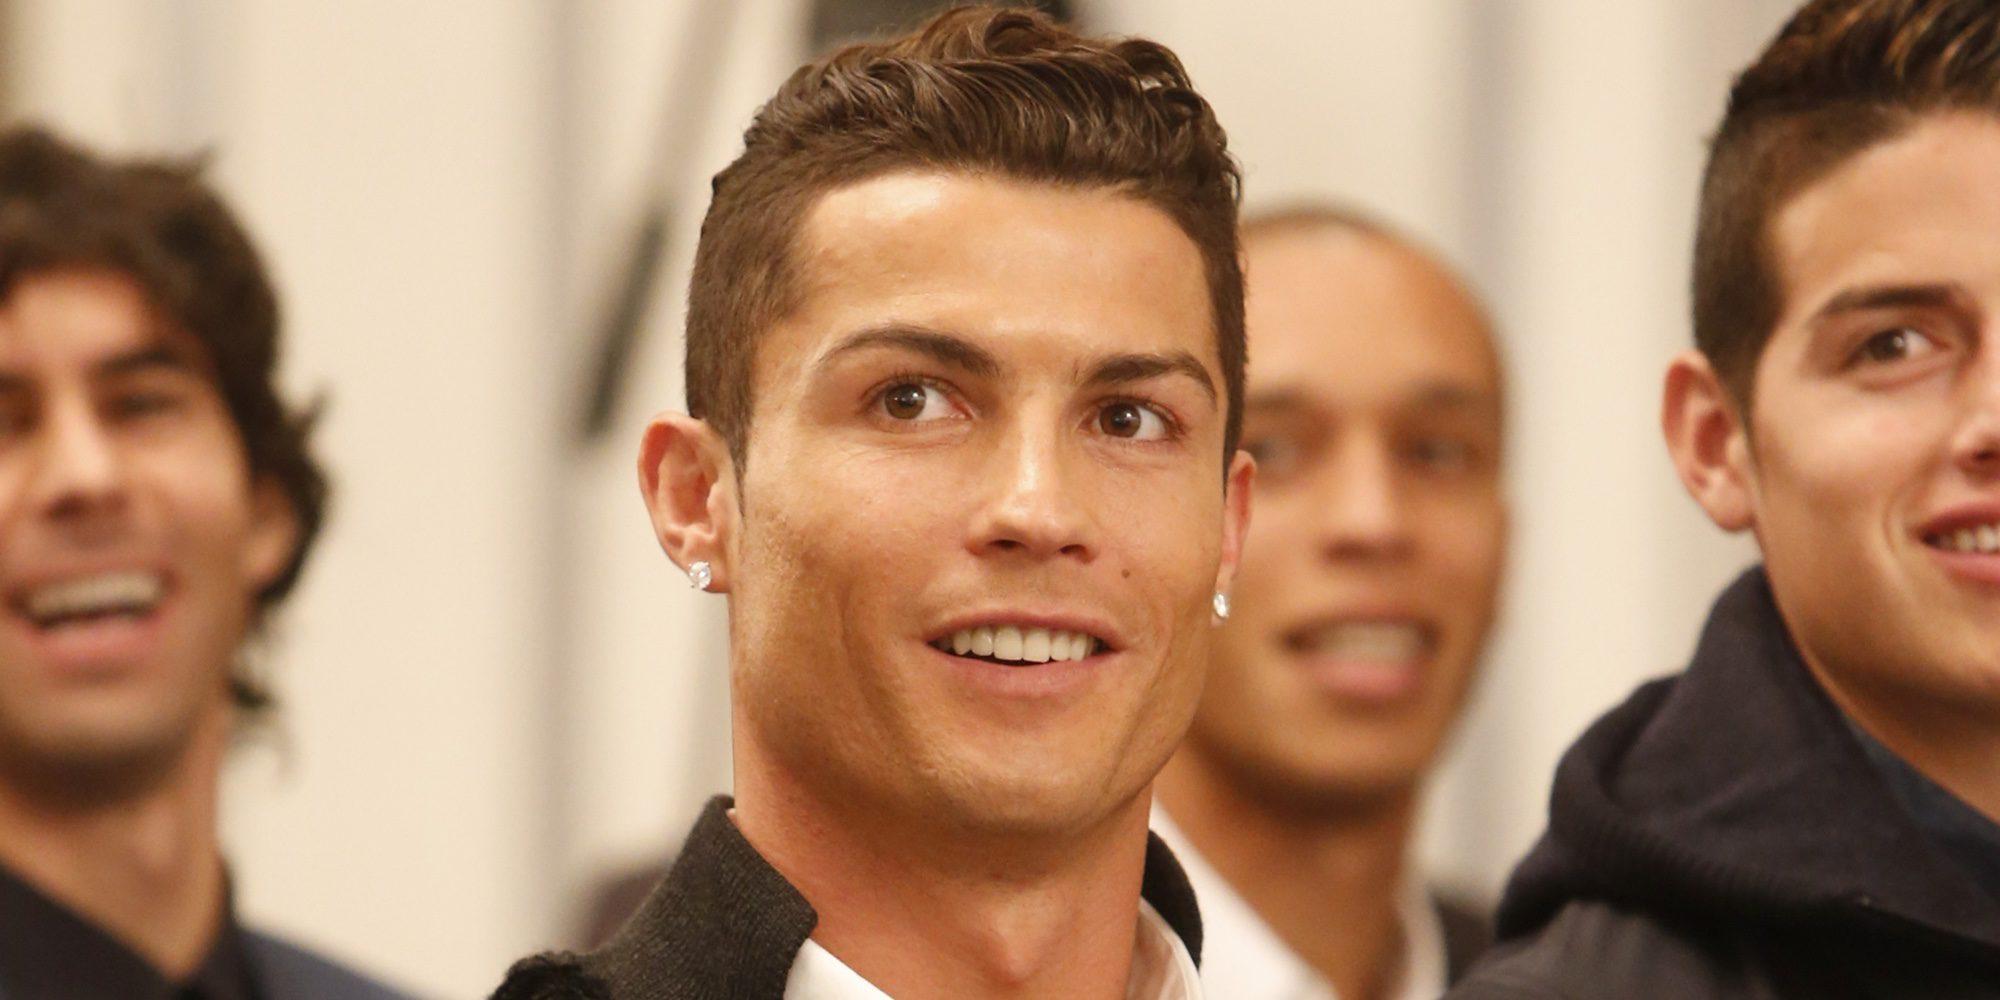 """Cristiano Ronaldo confirma su paternidad: """"Estoy contento de poder, por fin, estar con mis hijos por primera vez"""""""